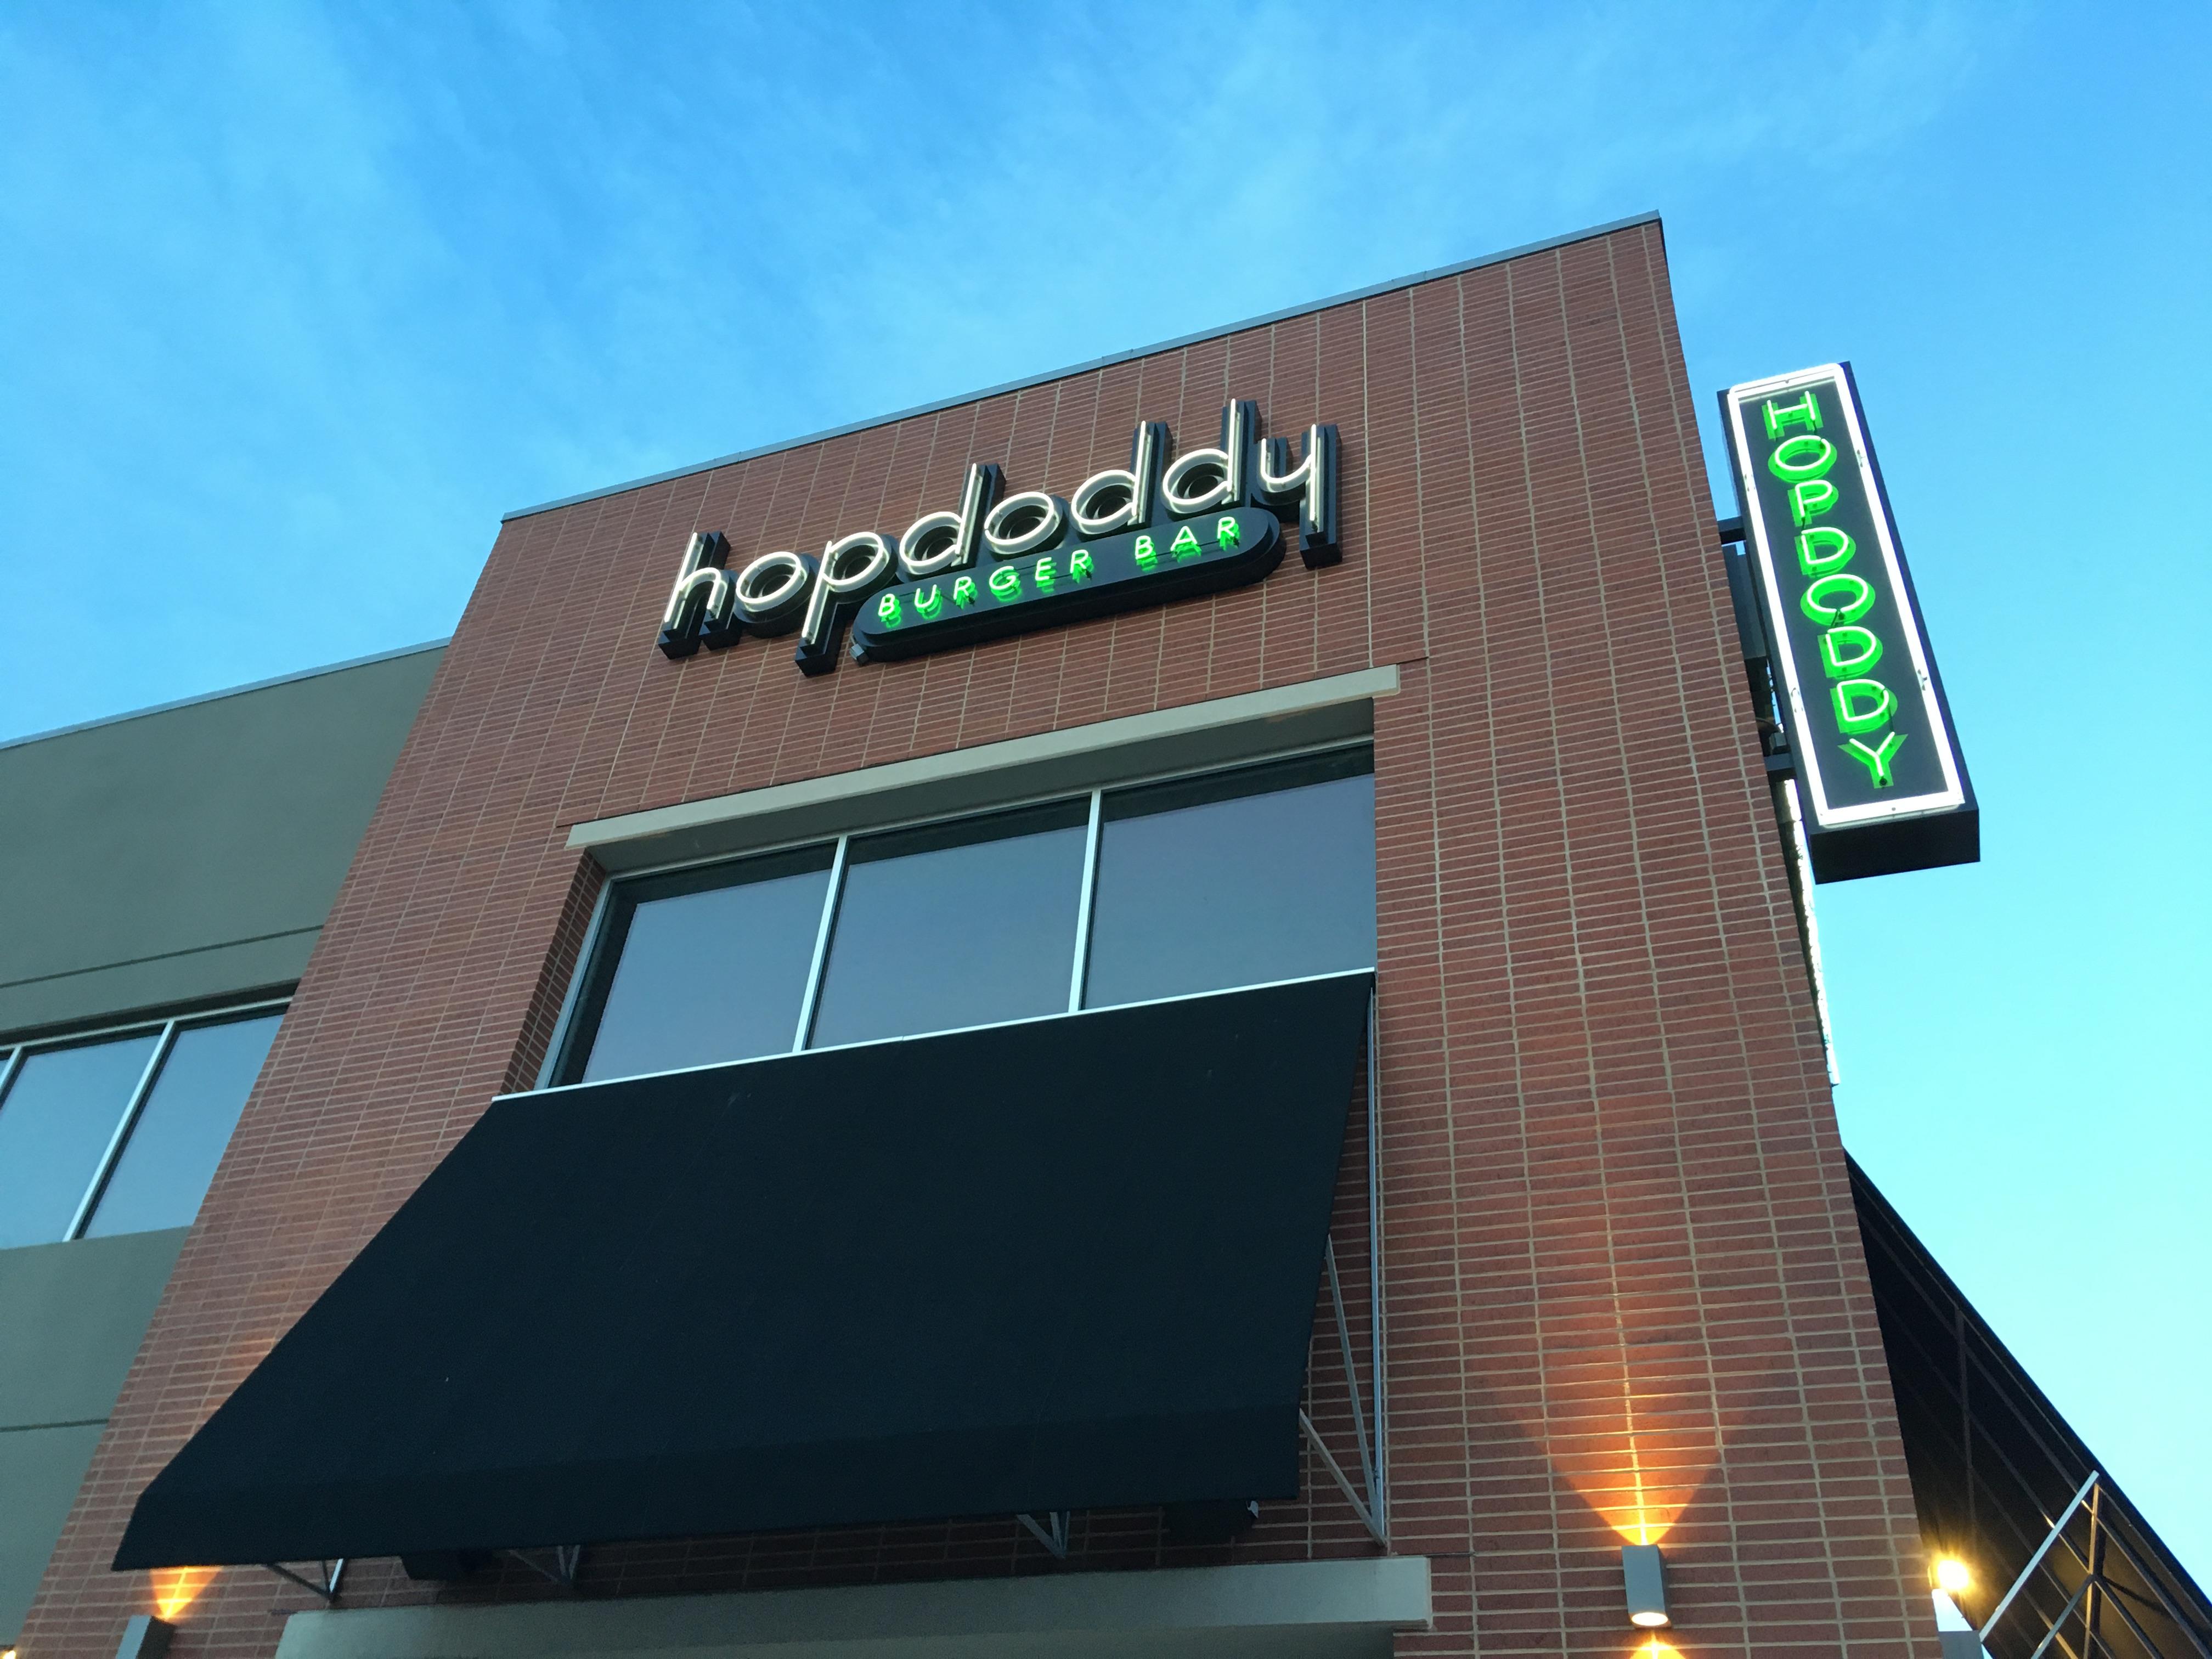 フライドポテトの盛り方が意外過ぎるHopdoddy Burger Bar